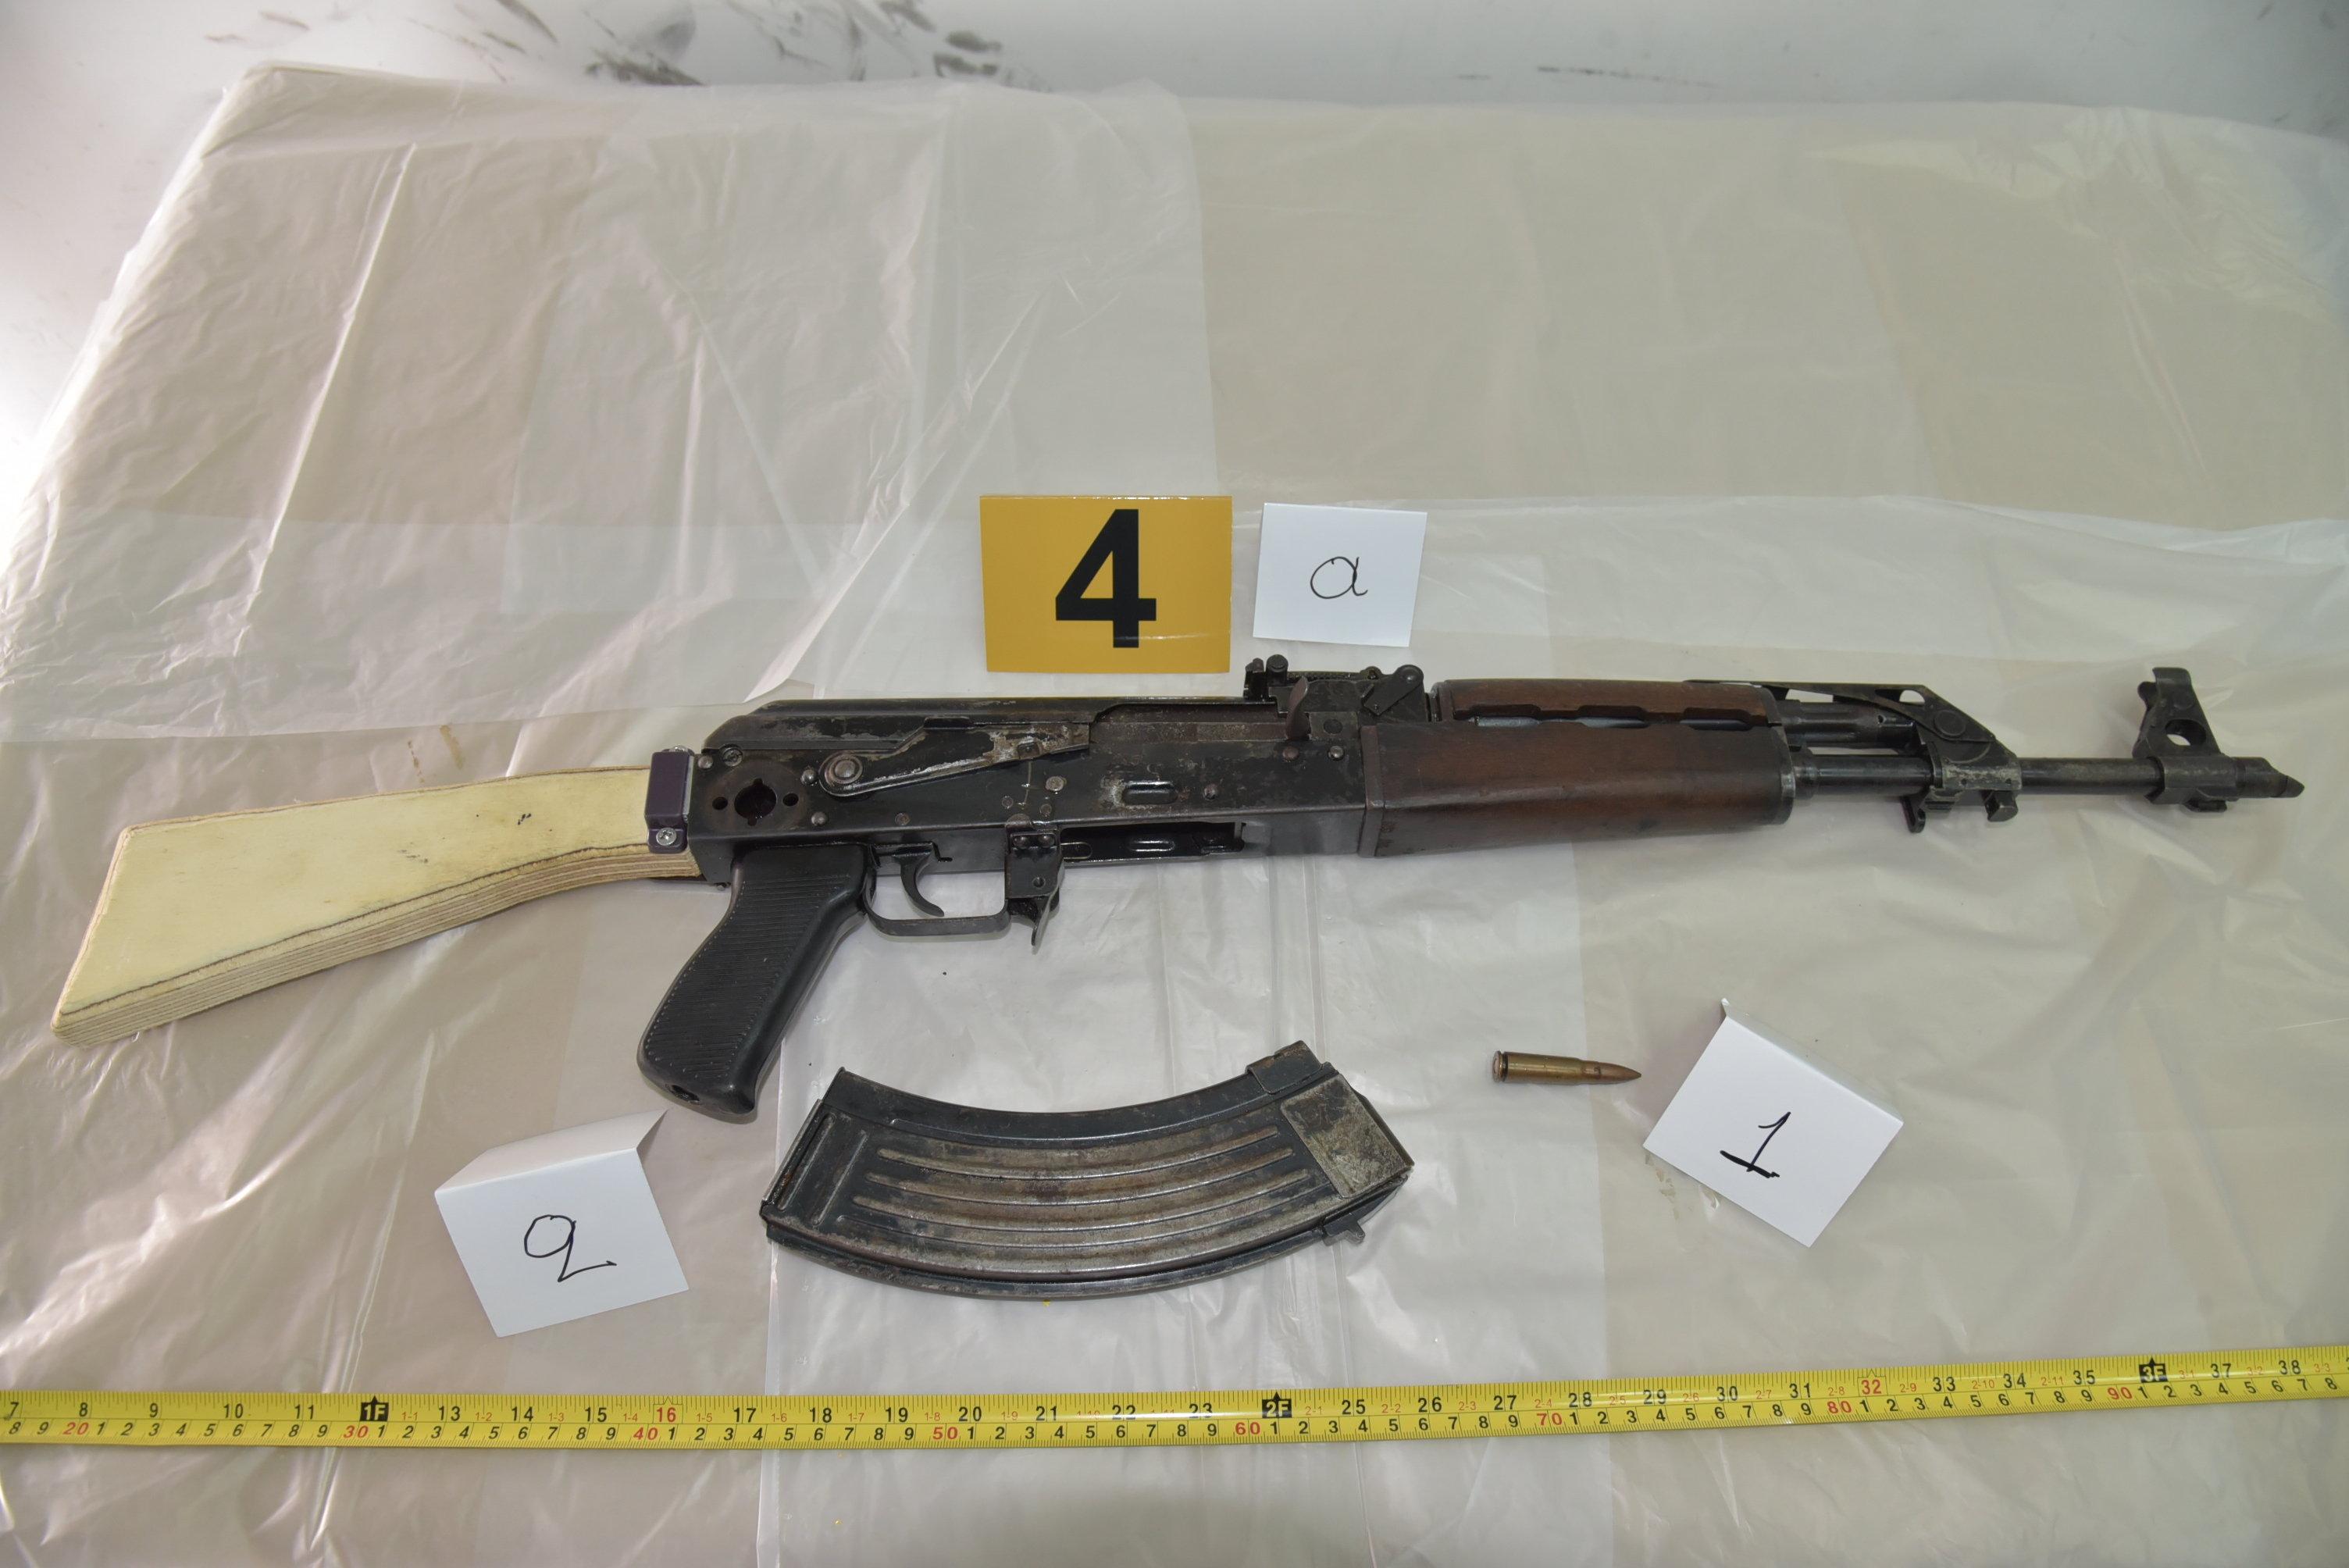 Σύλληψη «Τοξοβόλου»: Έφτιαχνε ένοπλη ομάδα; Τι κρύβεται πίσω από τις ληστείες